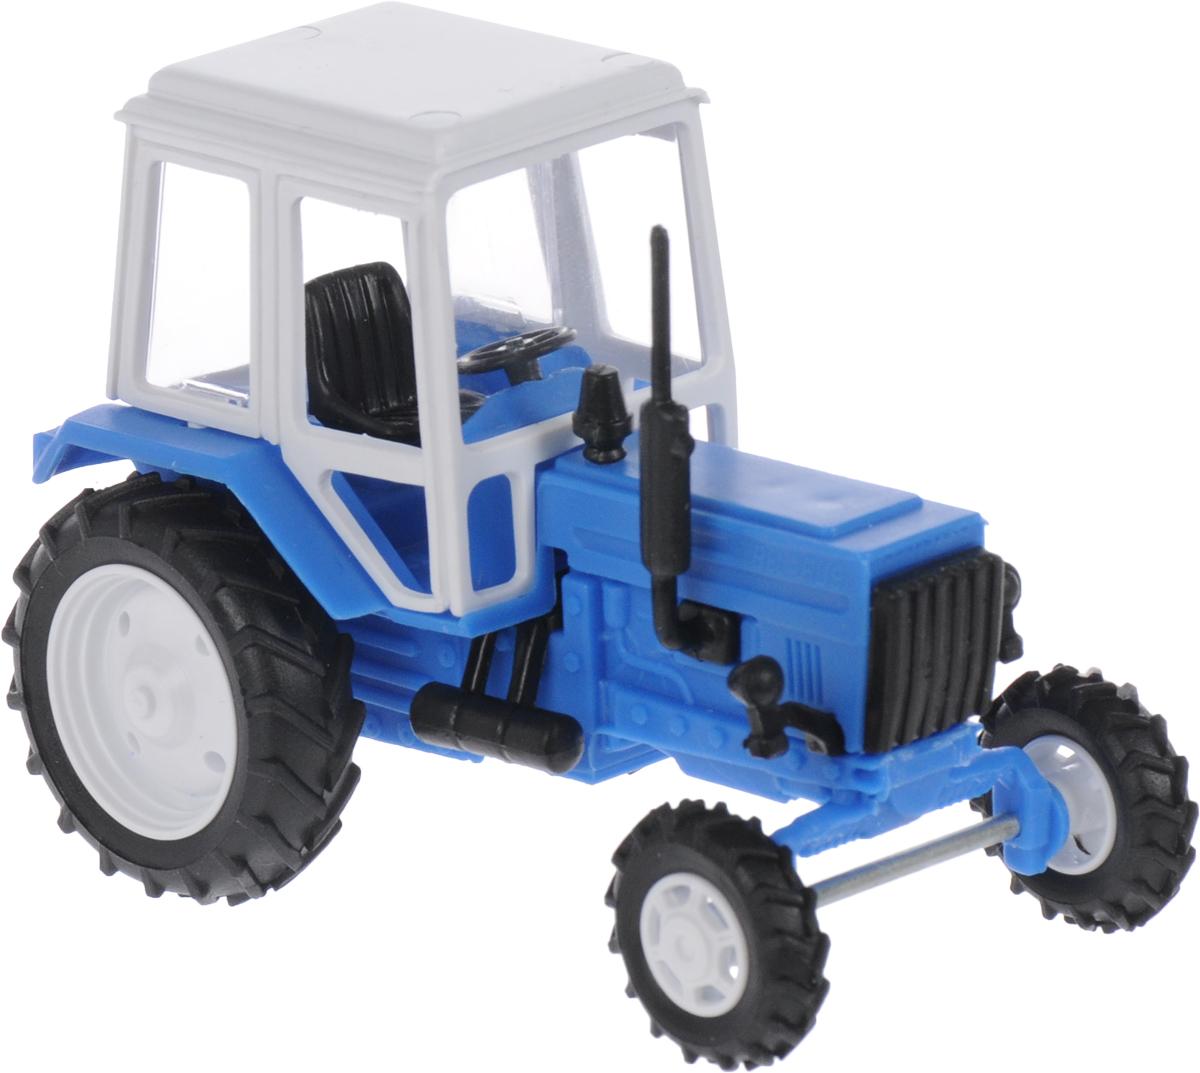 Мир отечественных моделей Трактор МТЗ-82 цвет голубой мир отечественных моделей трактор мтз 82 с прицепом